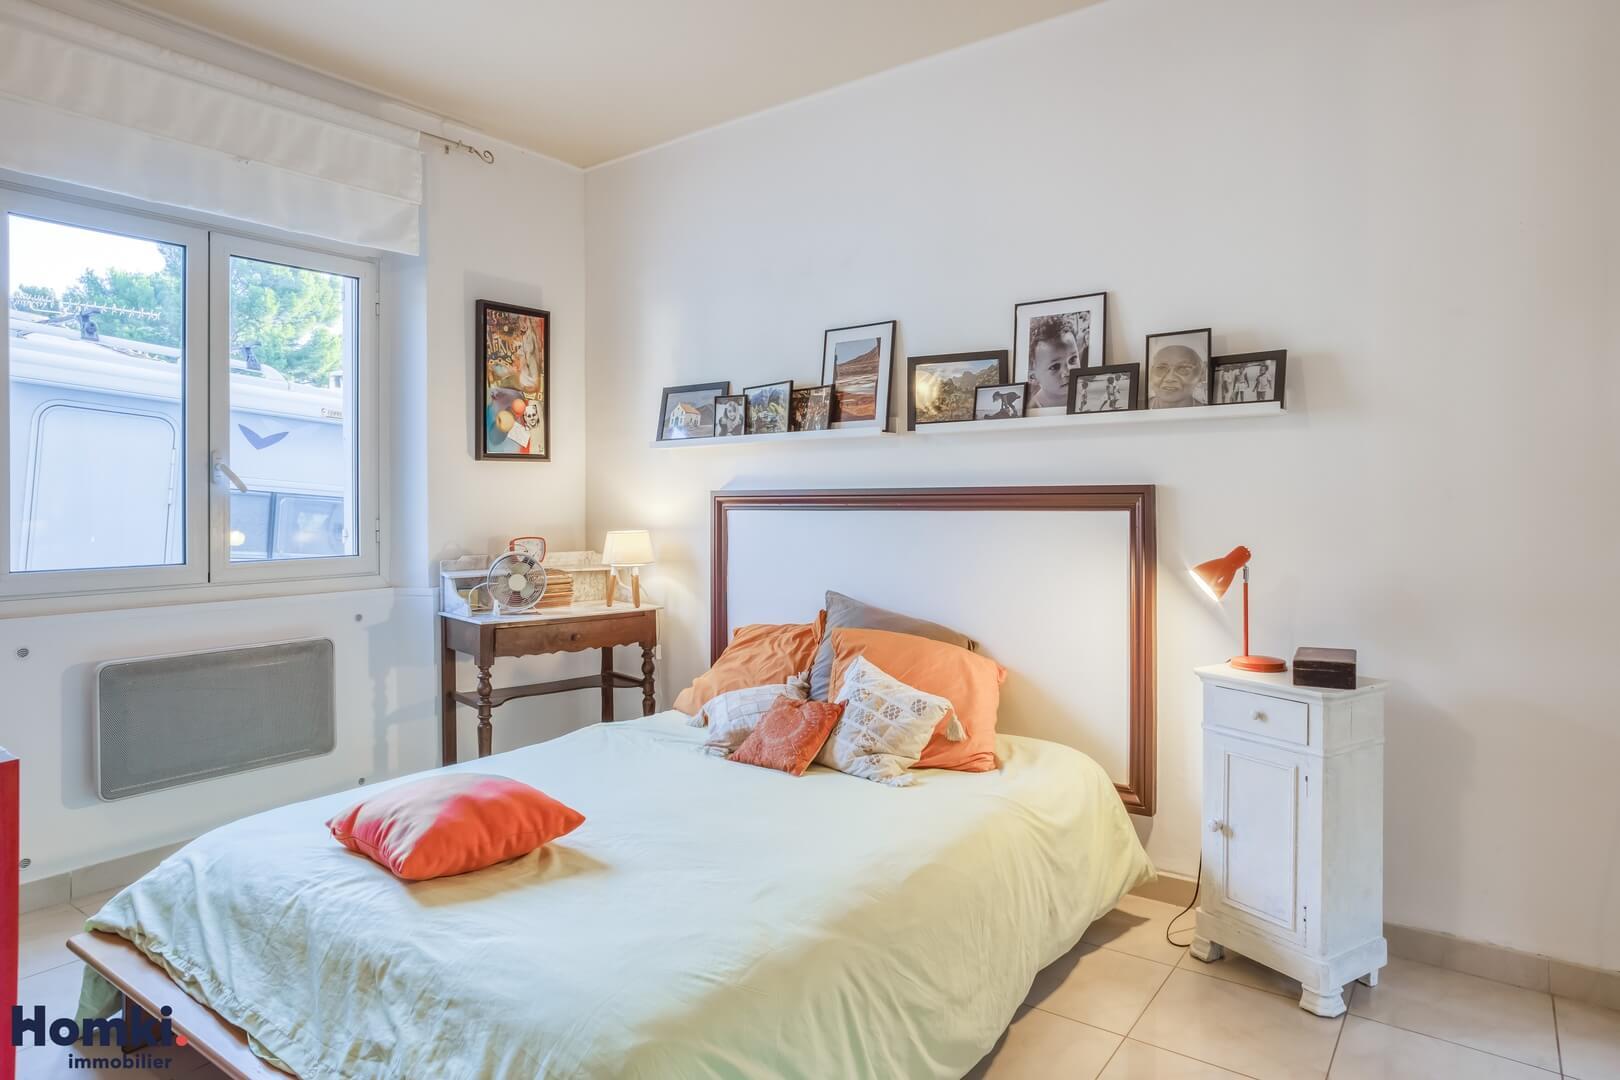 Homki - Vente maison/villa  de 135.0 m² à La Ciotat 13600